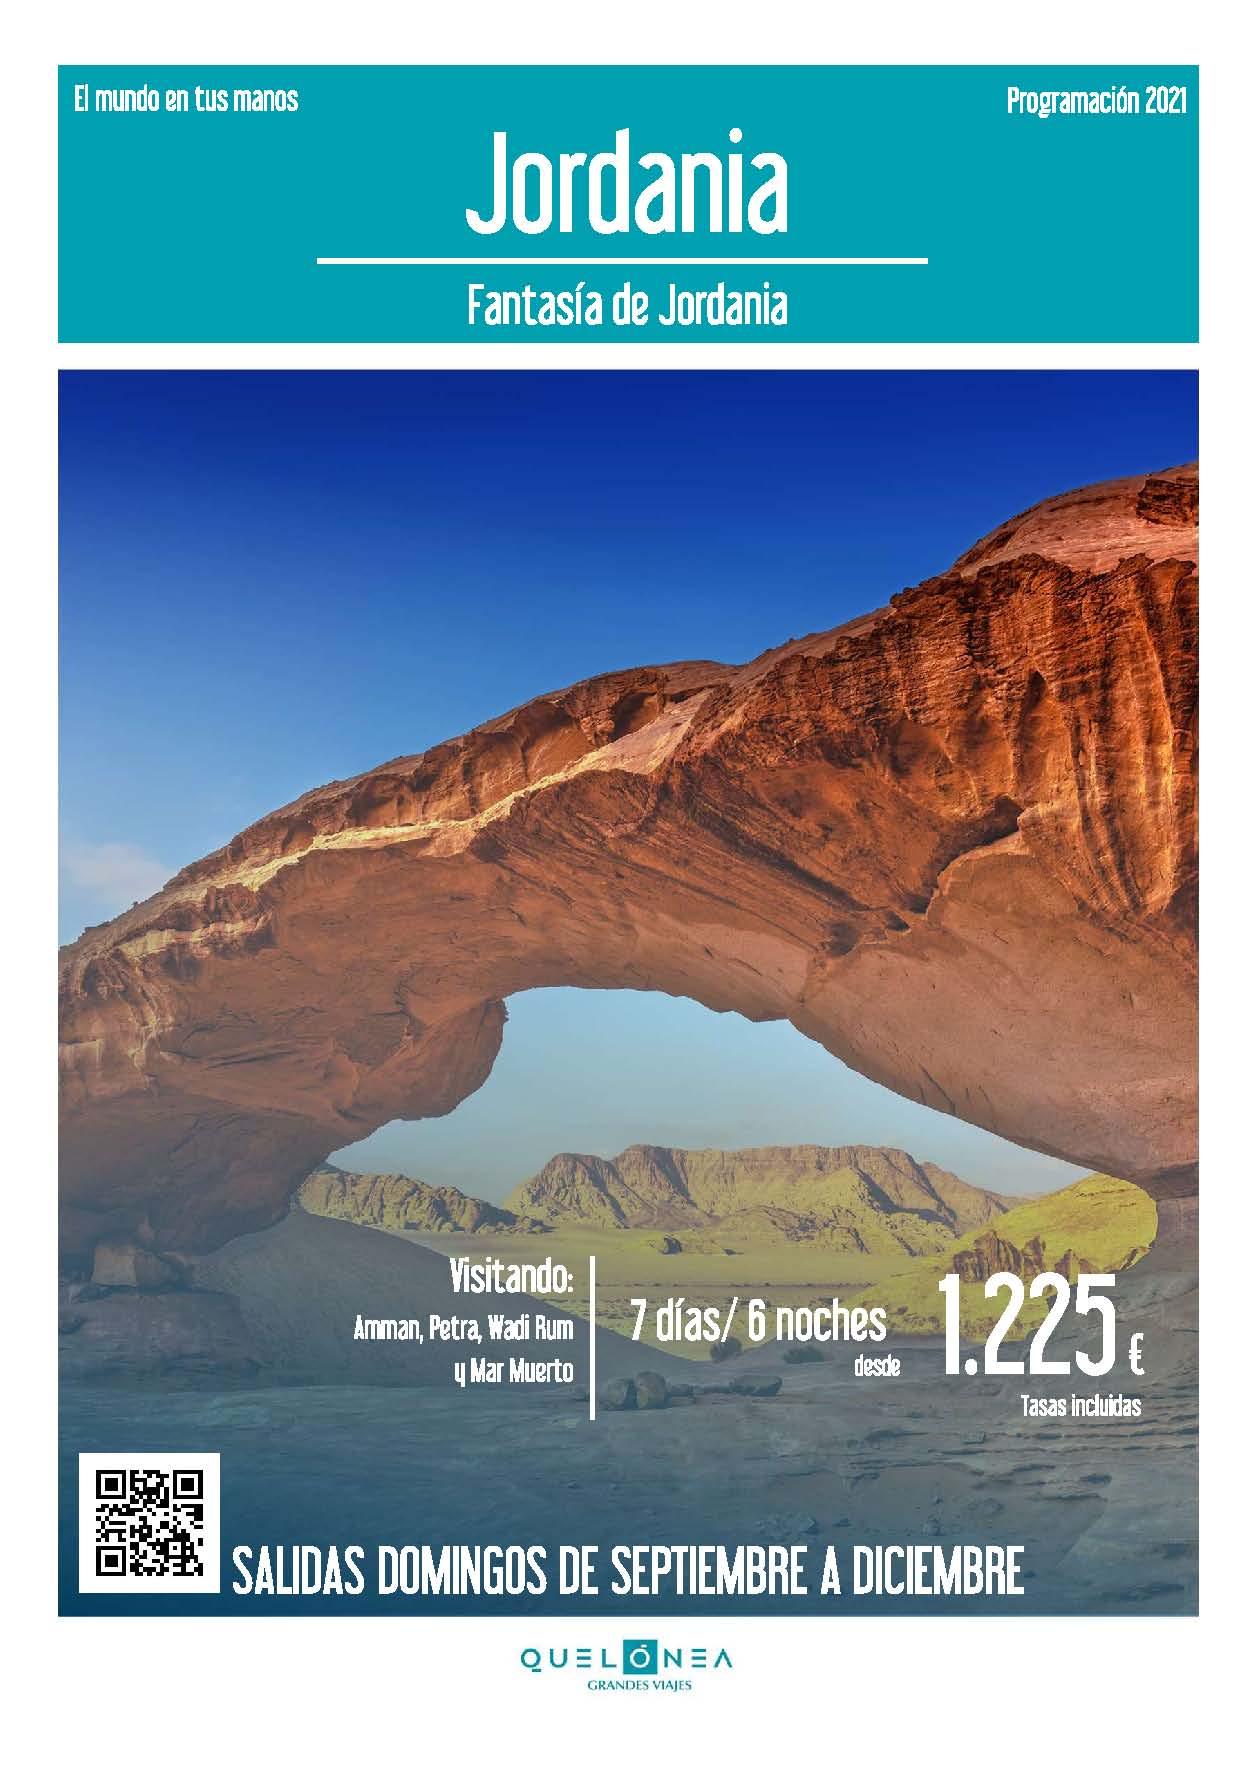 Ofertas Quelonea Jordania Fantasia de Jordania Septiembre a Diciembre 2021